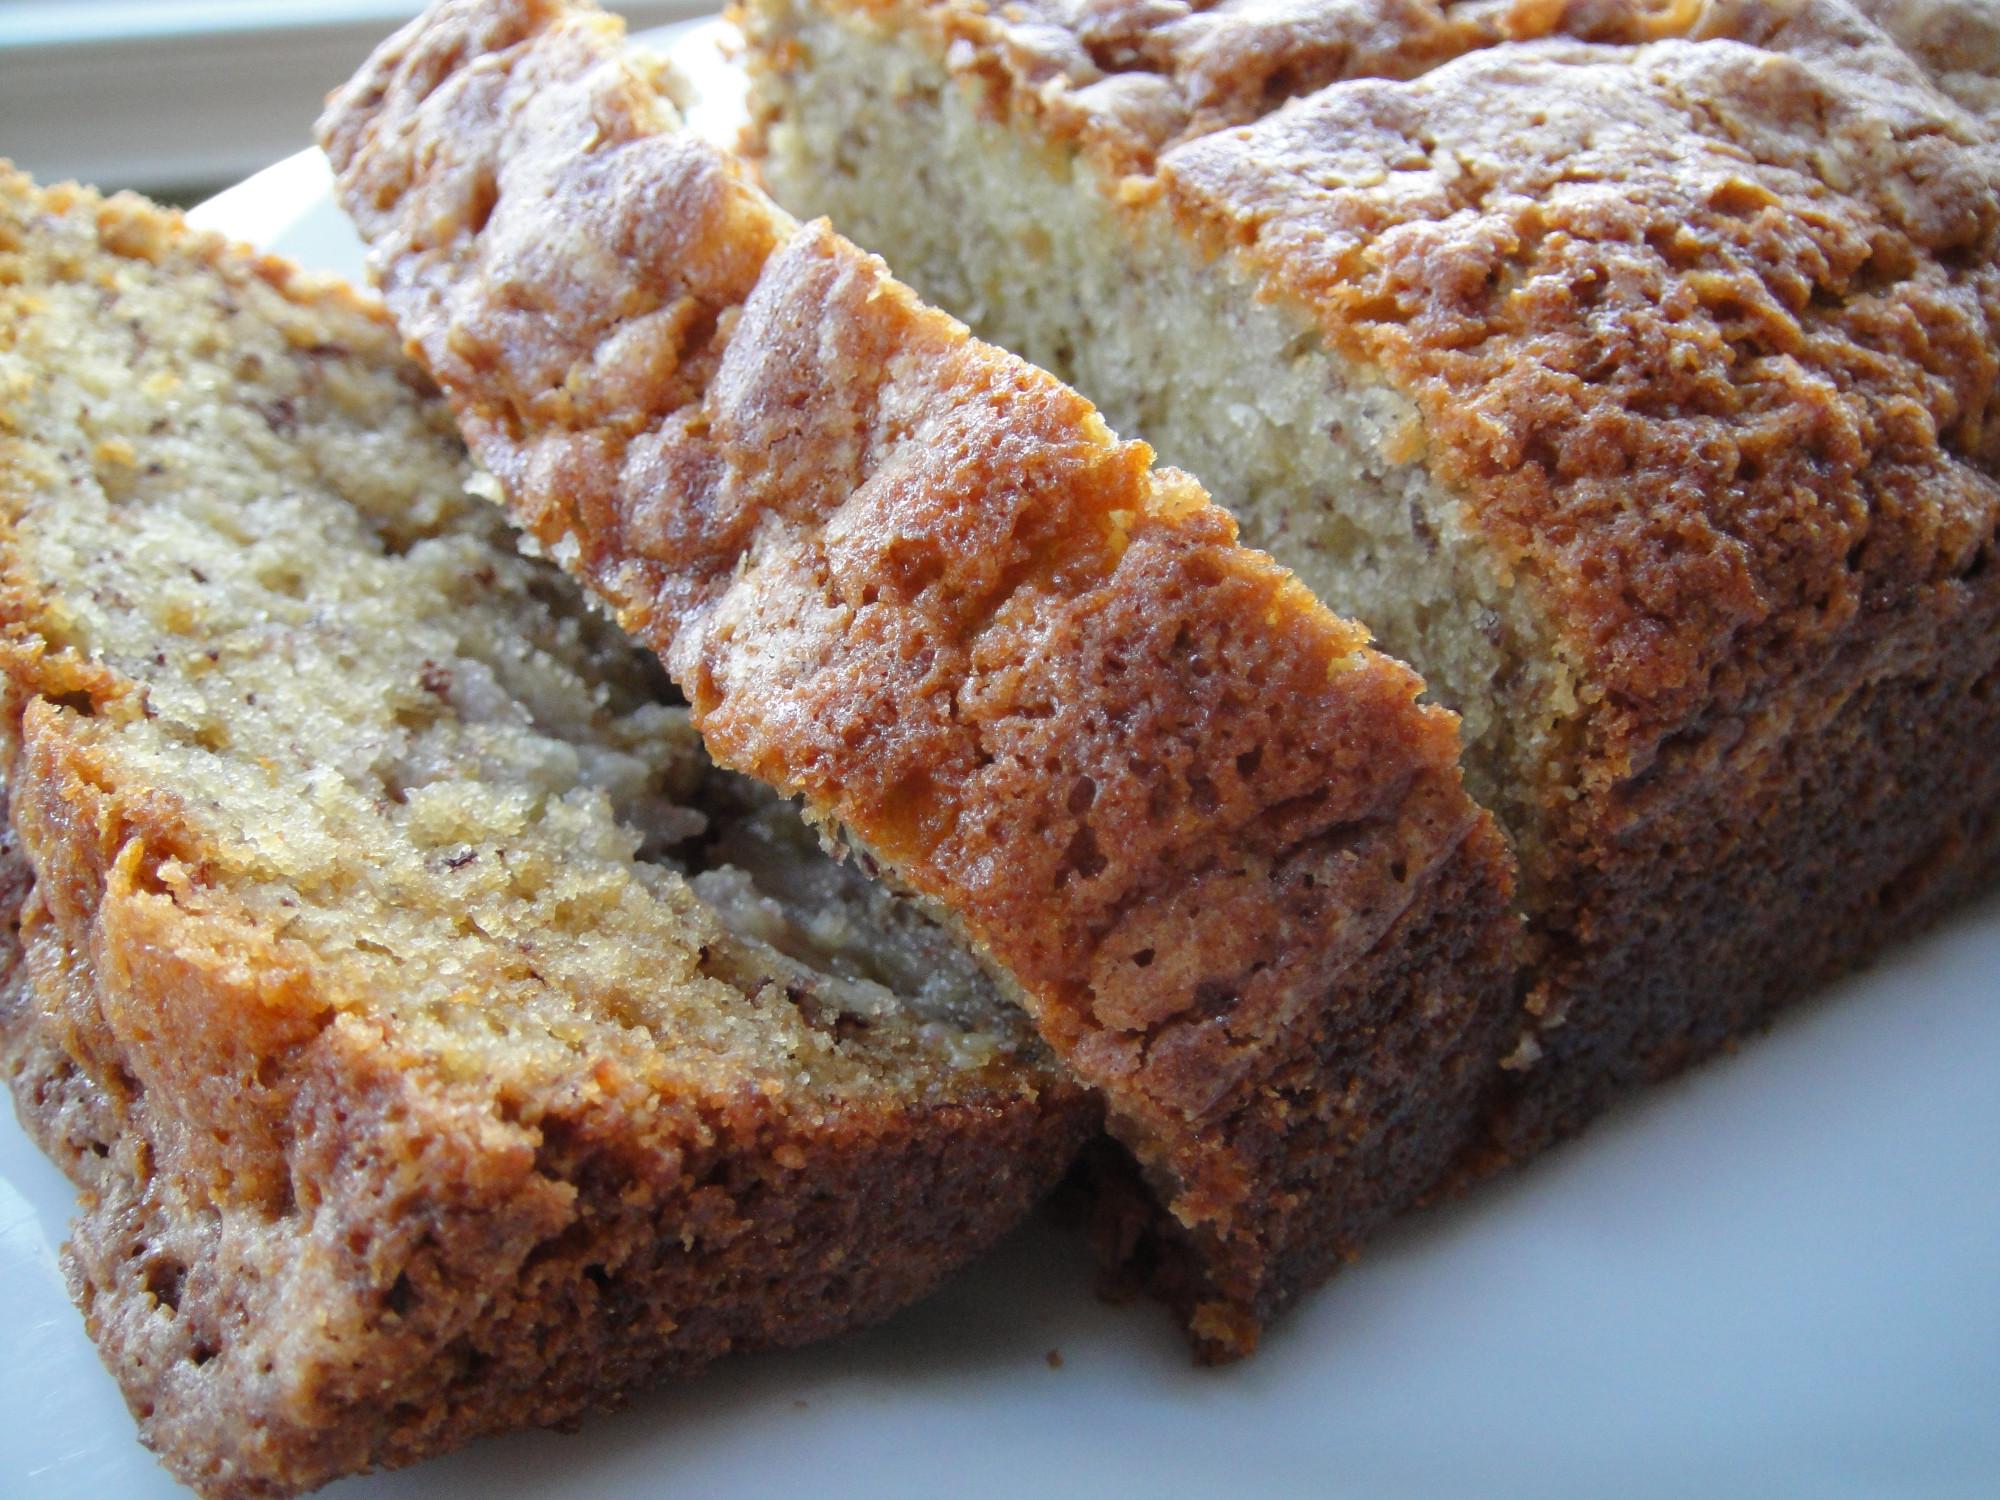 Banana Bread Recipe  How to Make Banana Bread